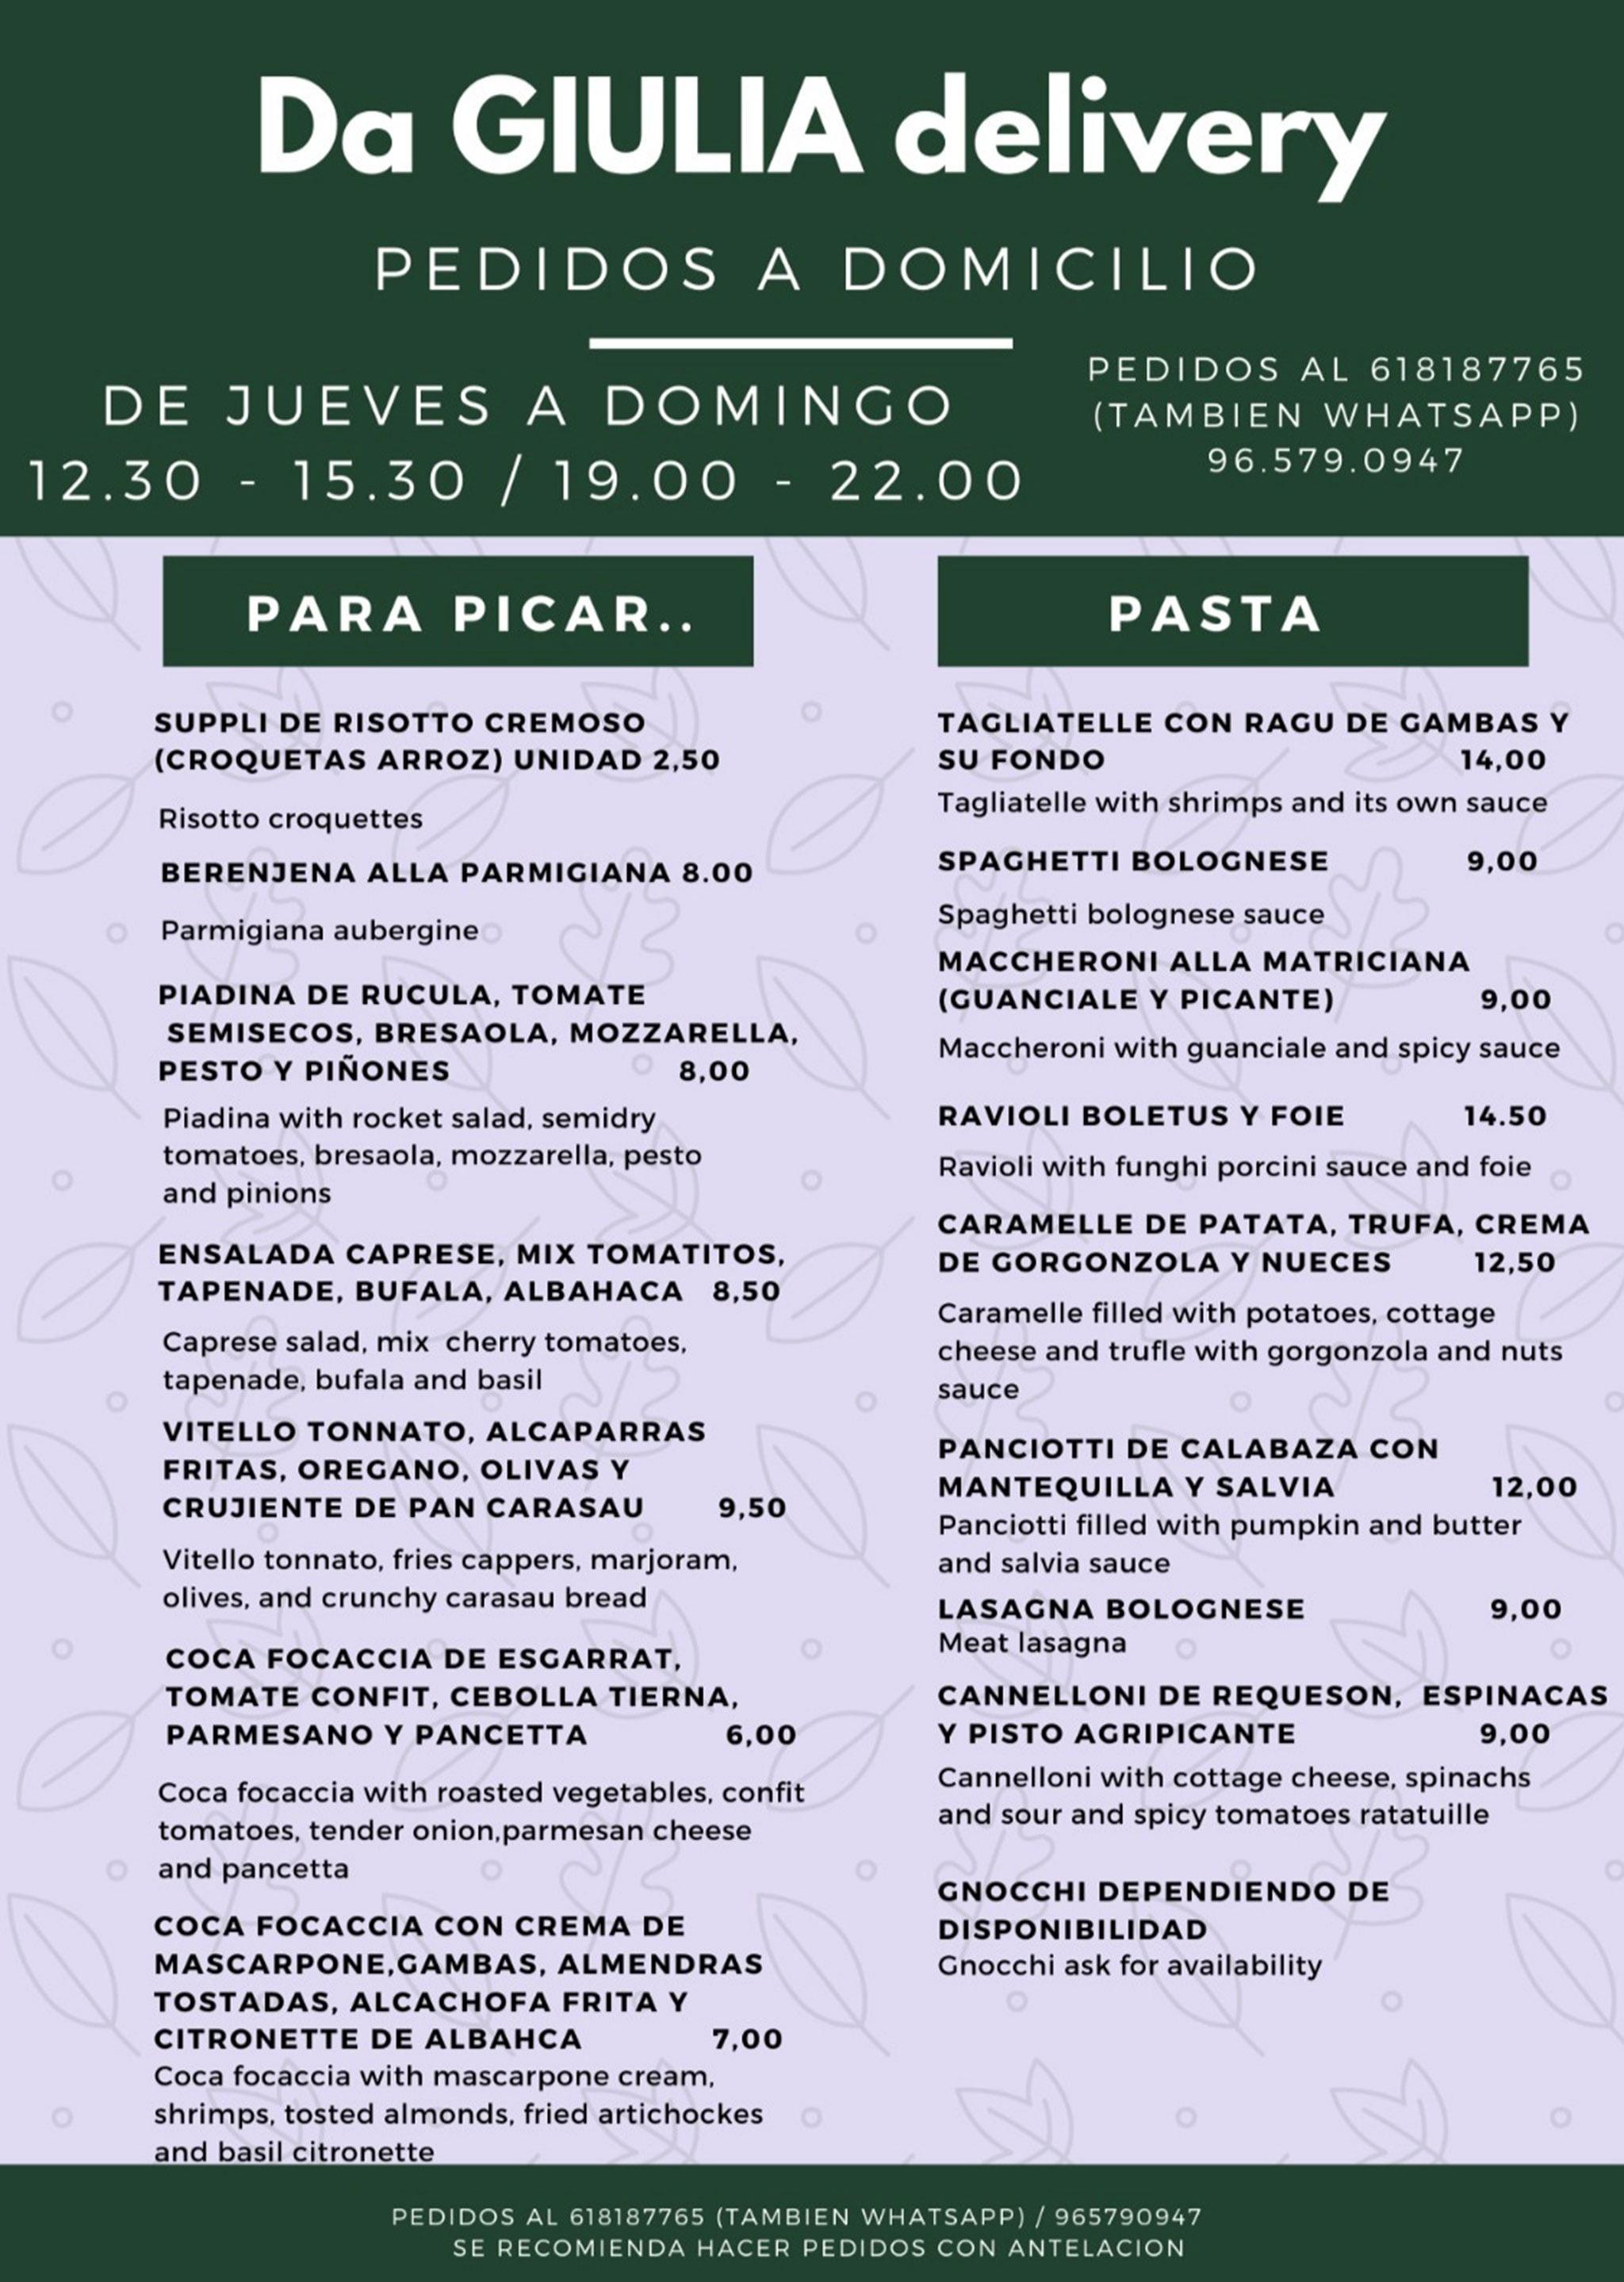 Cosas para picar y pasta a domicilio en Xàbia – Restaurante Da Giulia